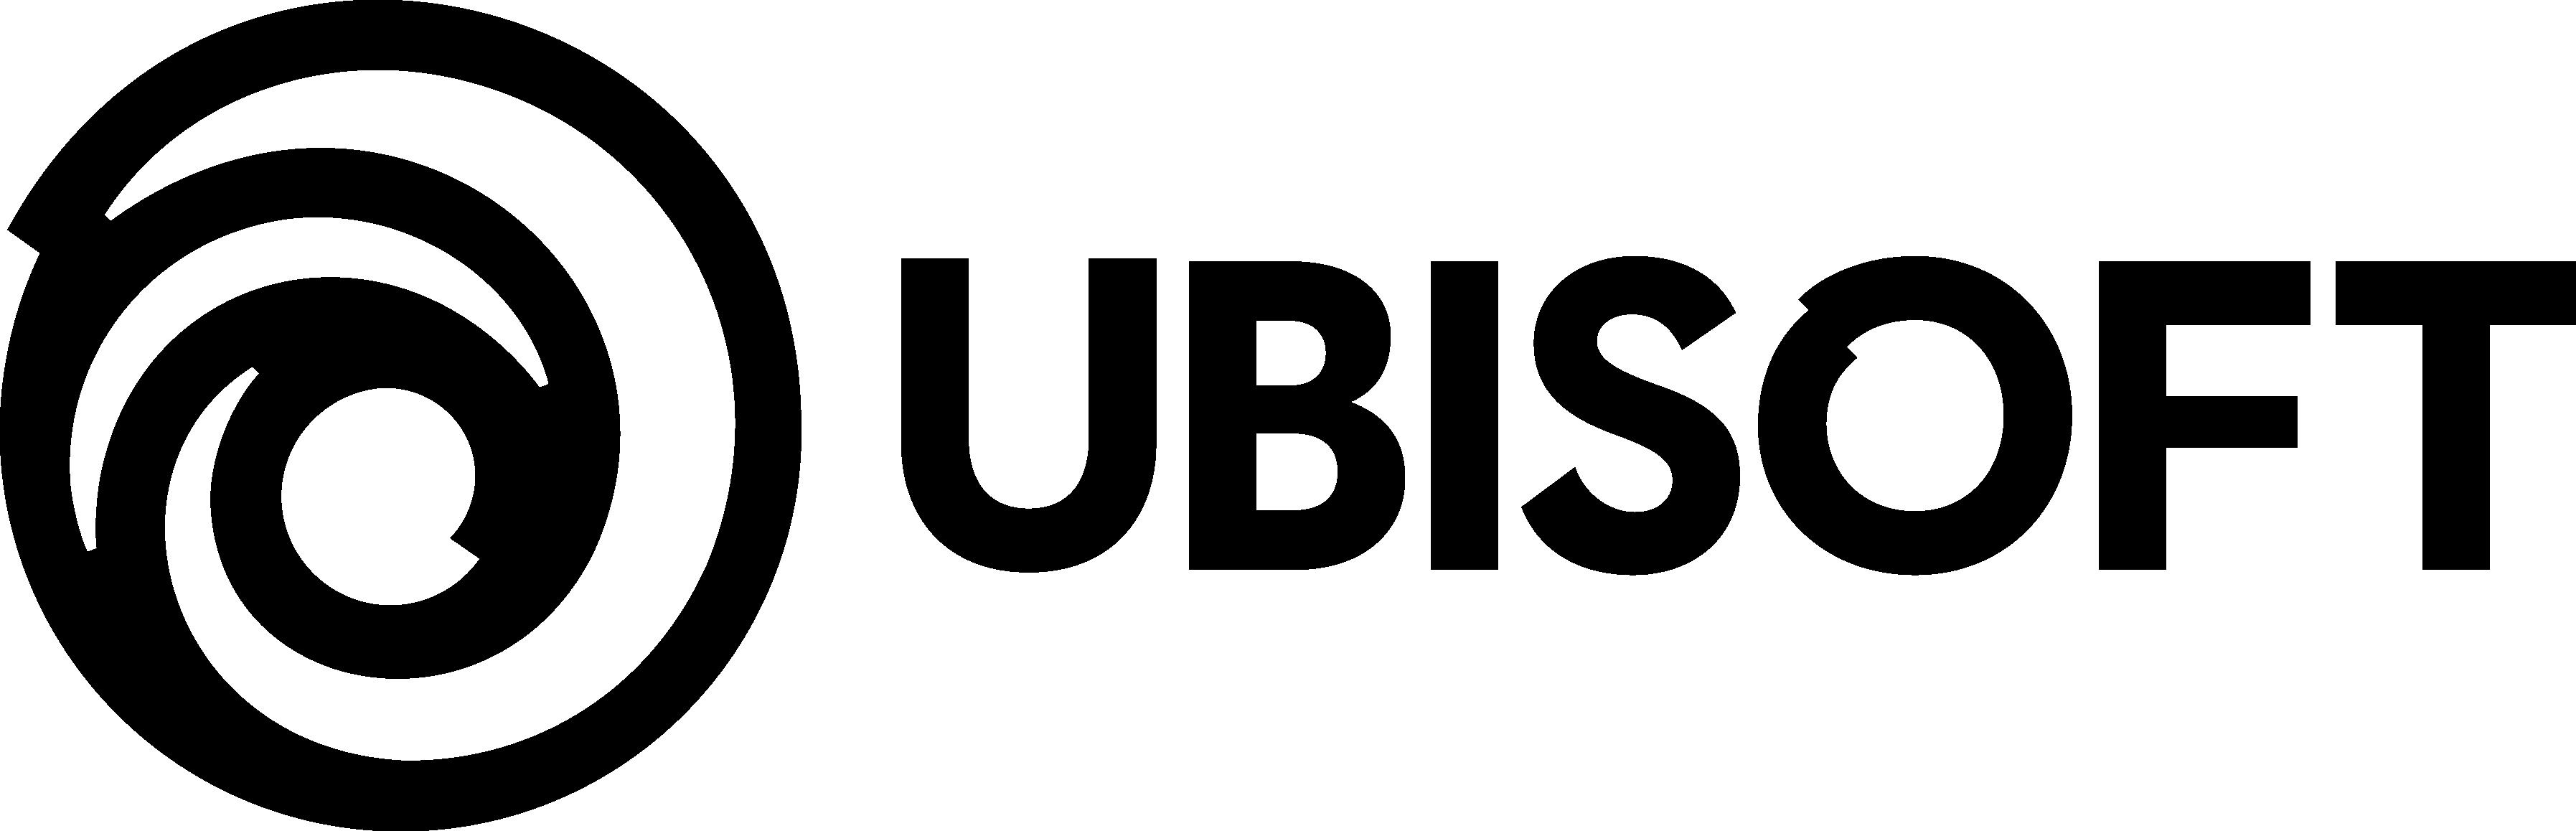 ergonome